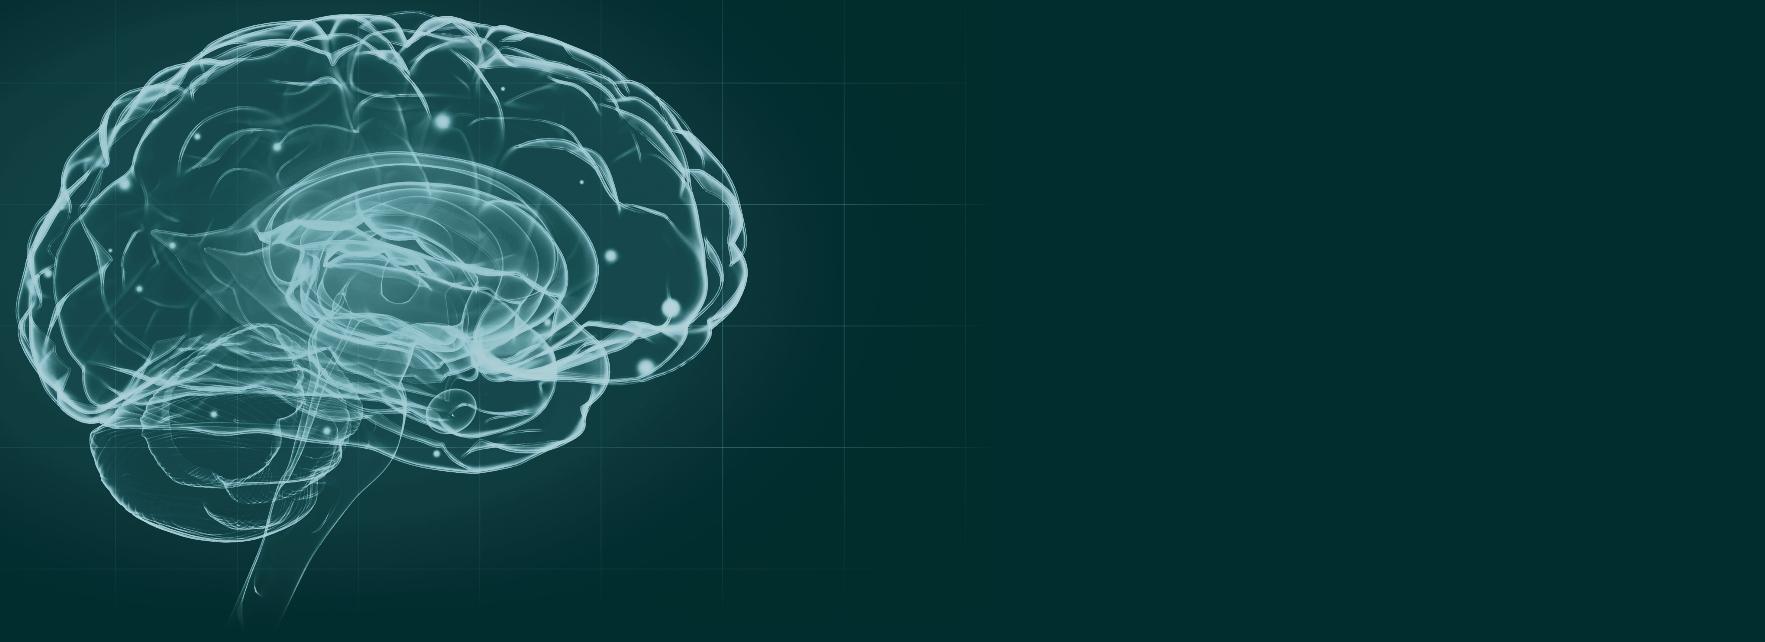 Por qué no hemos podido domesticar nuestra mente si le dedicamos tanto tiempo